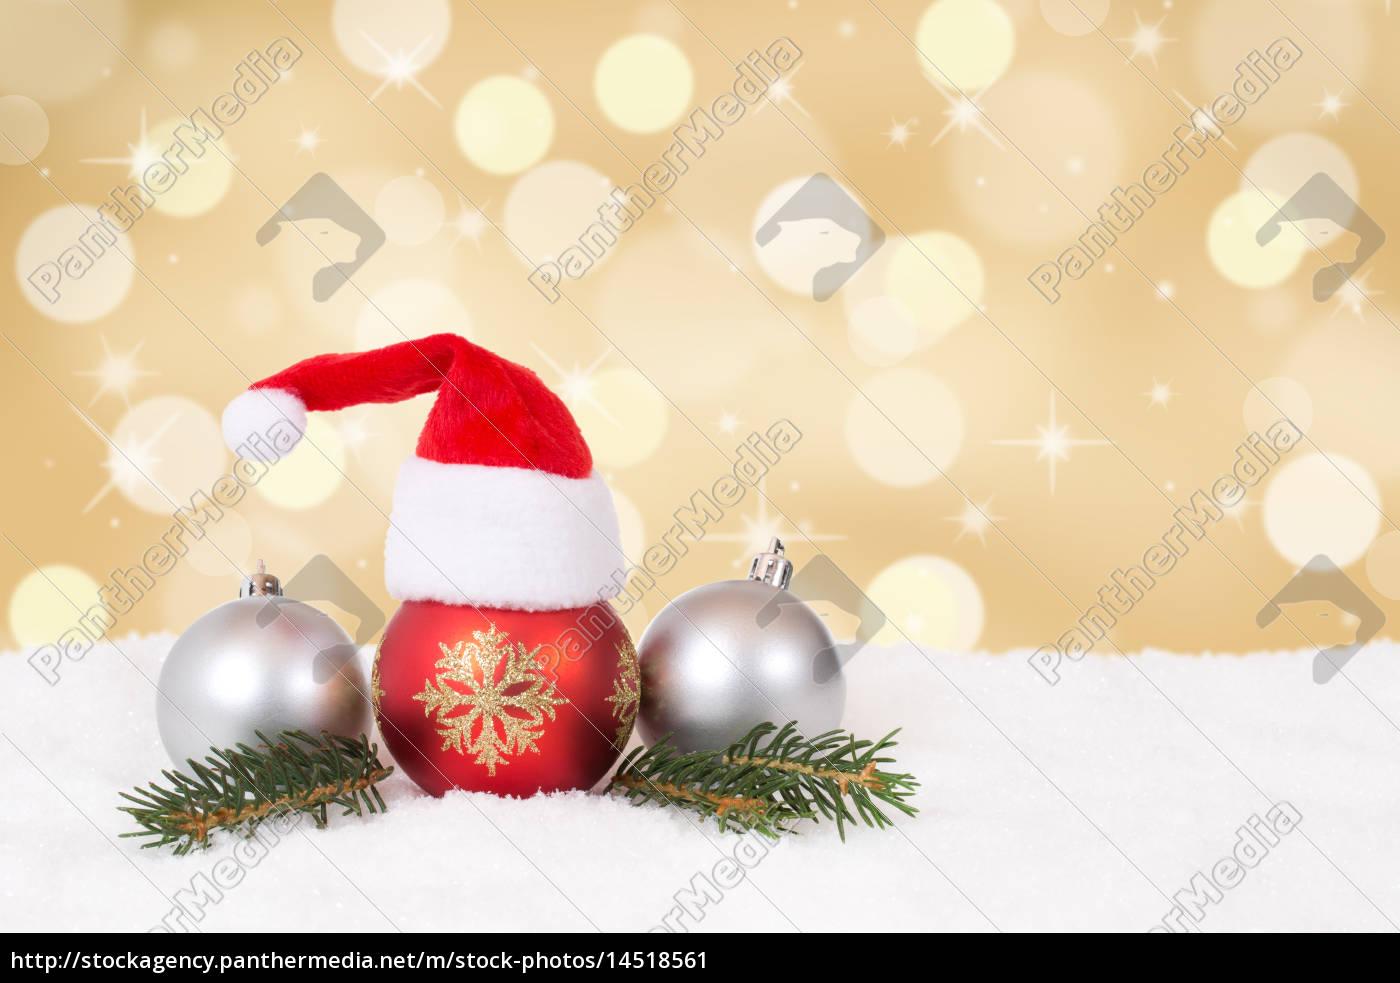 weihnachtskarte, mit, mütze, weihnachten, dekoration, mit - 14518561